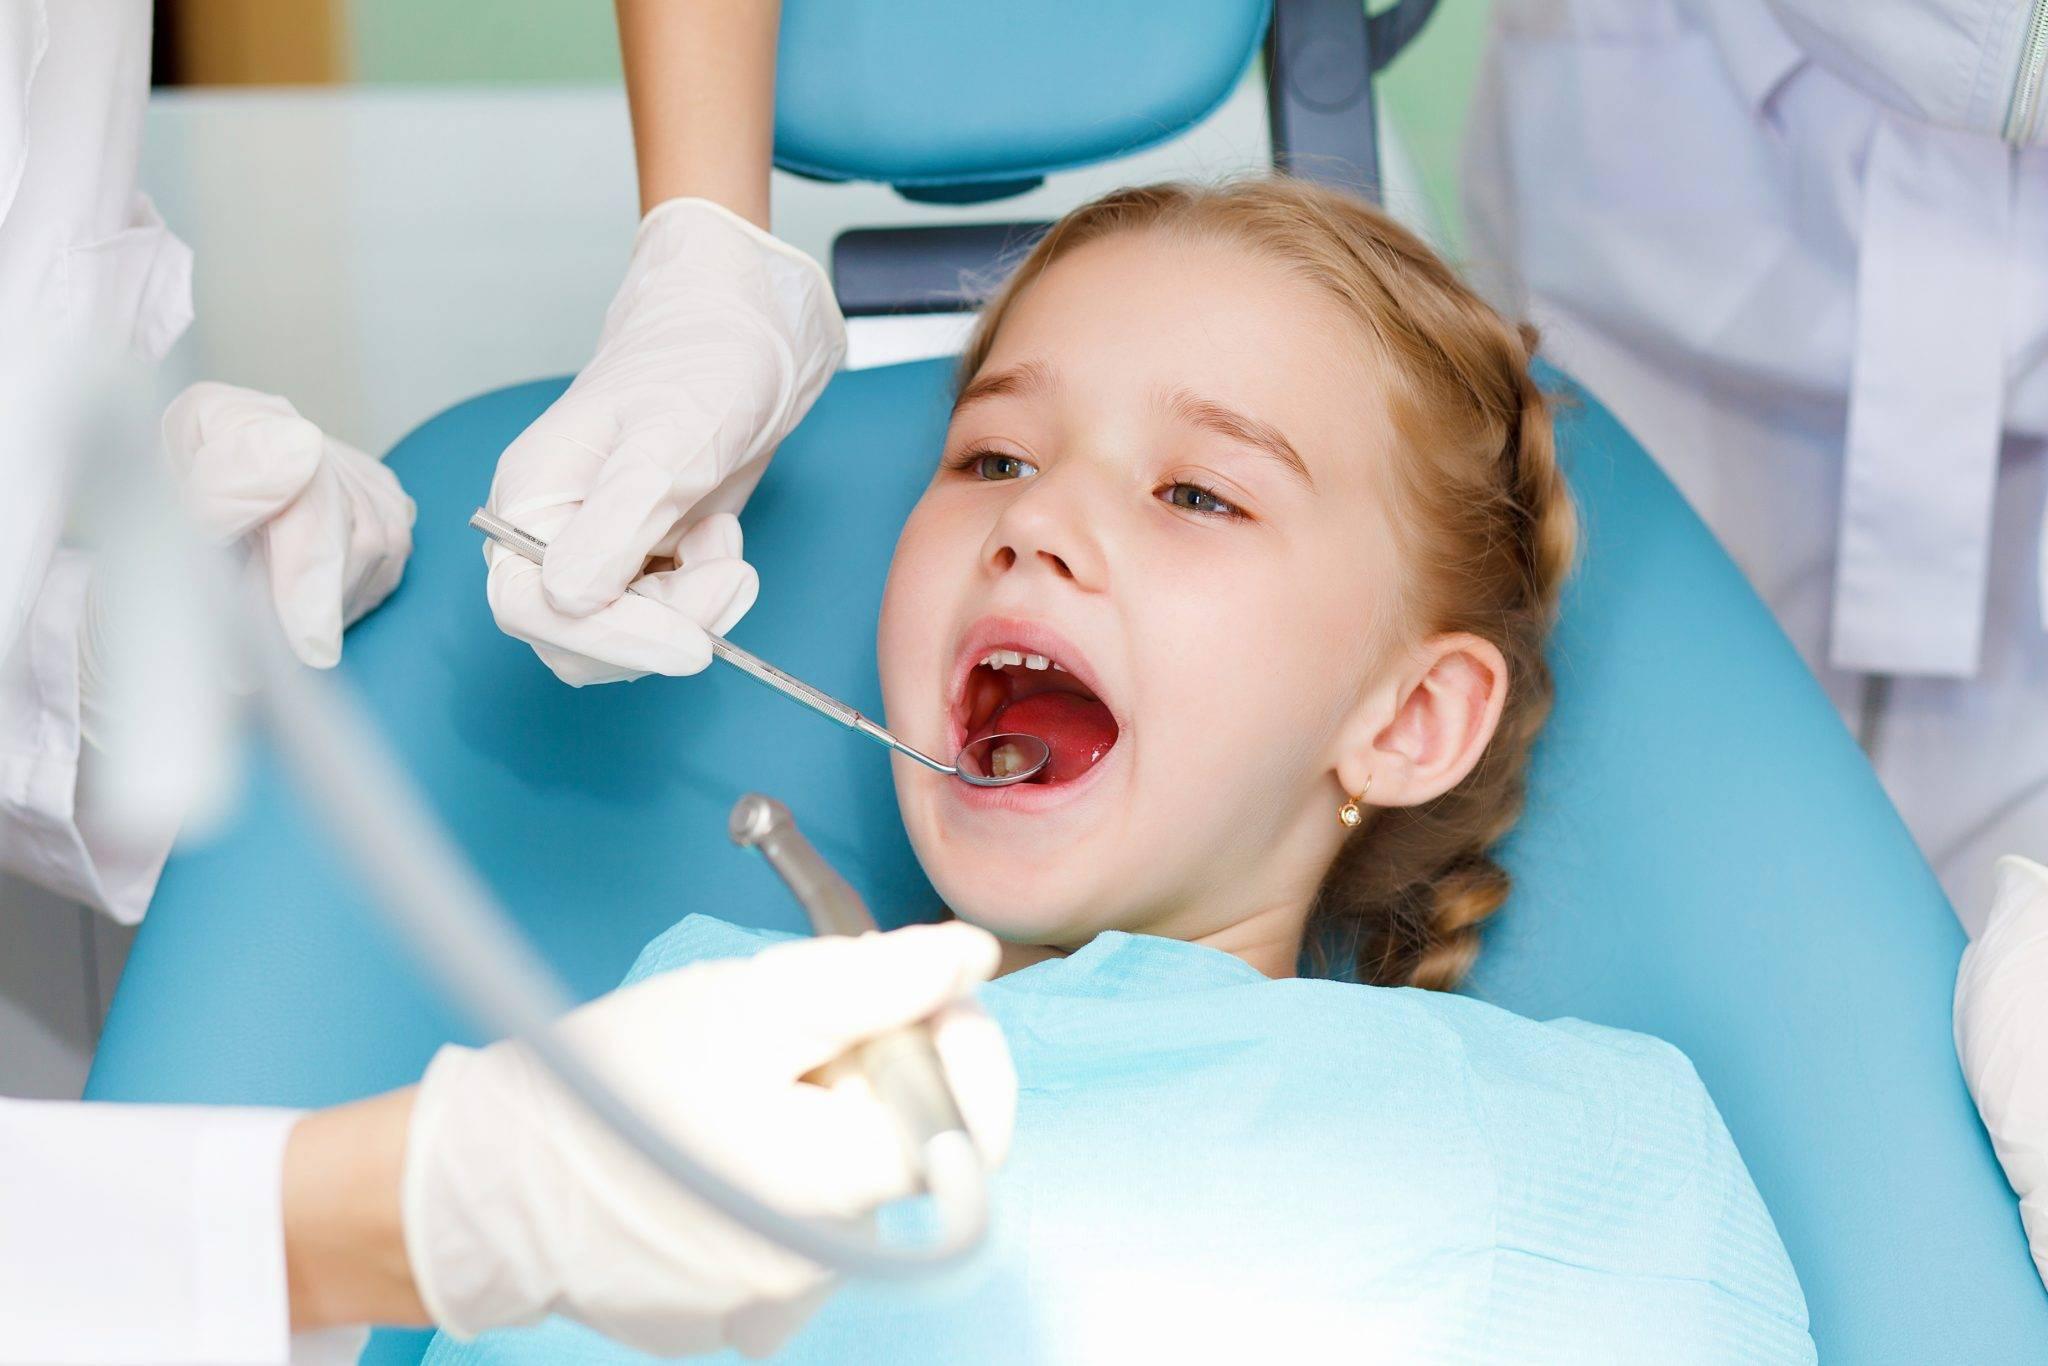 Как лечат пульпит молочных зубов у детей?